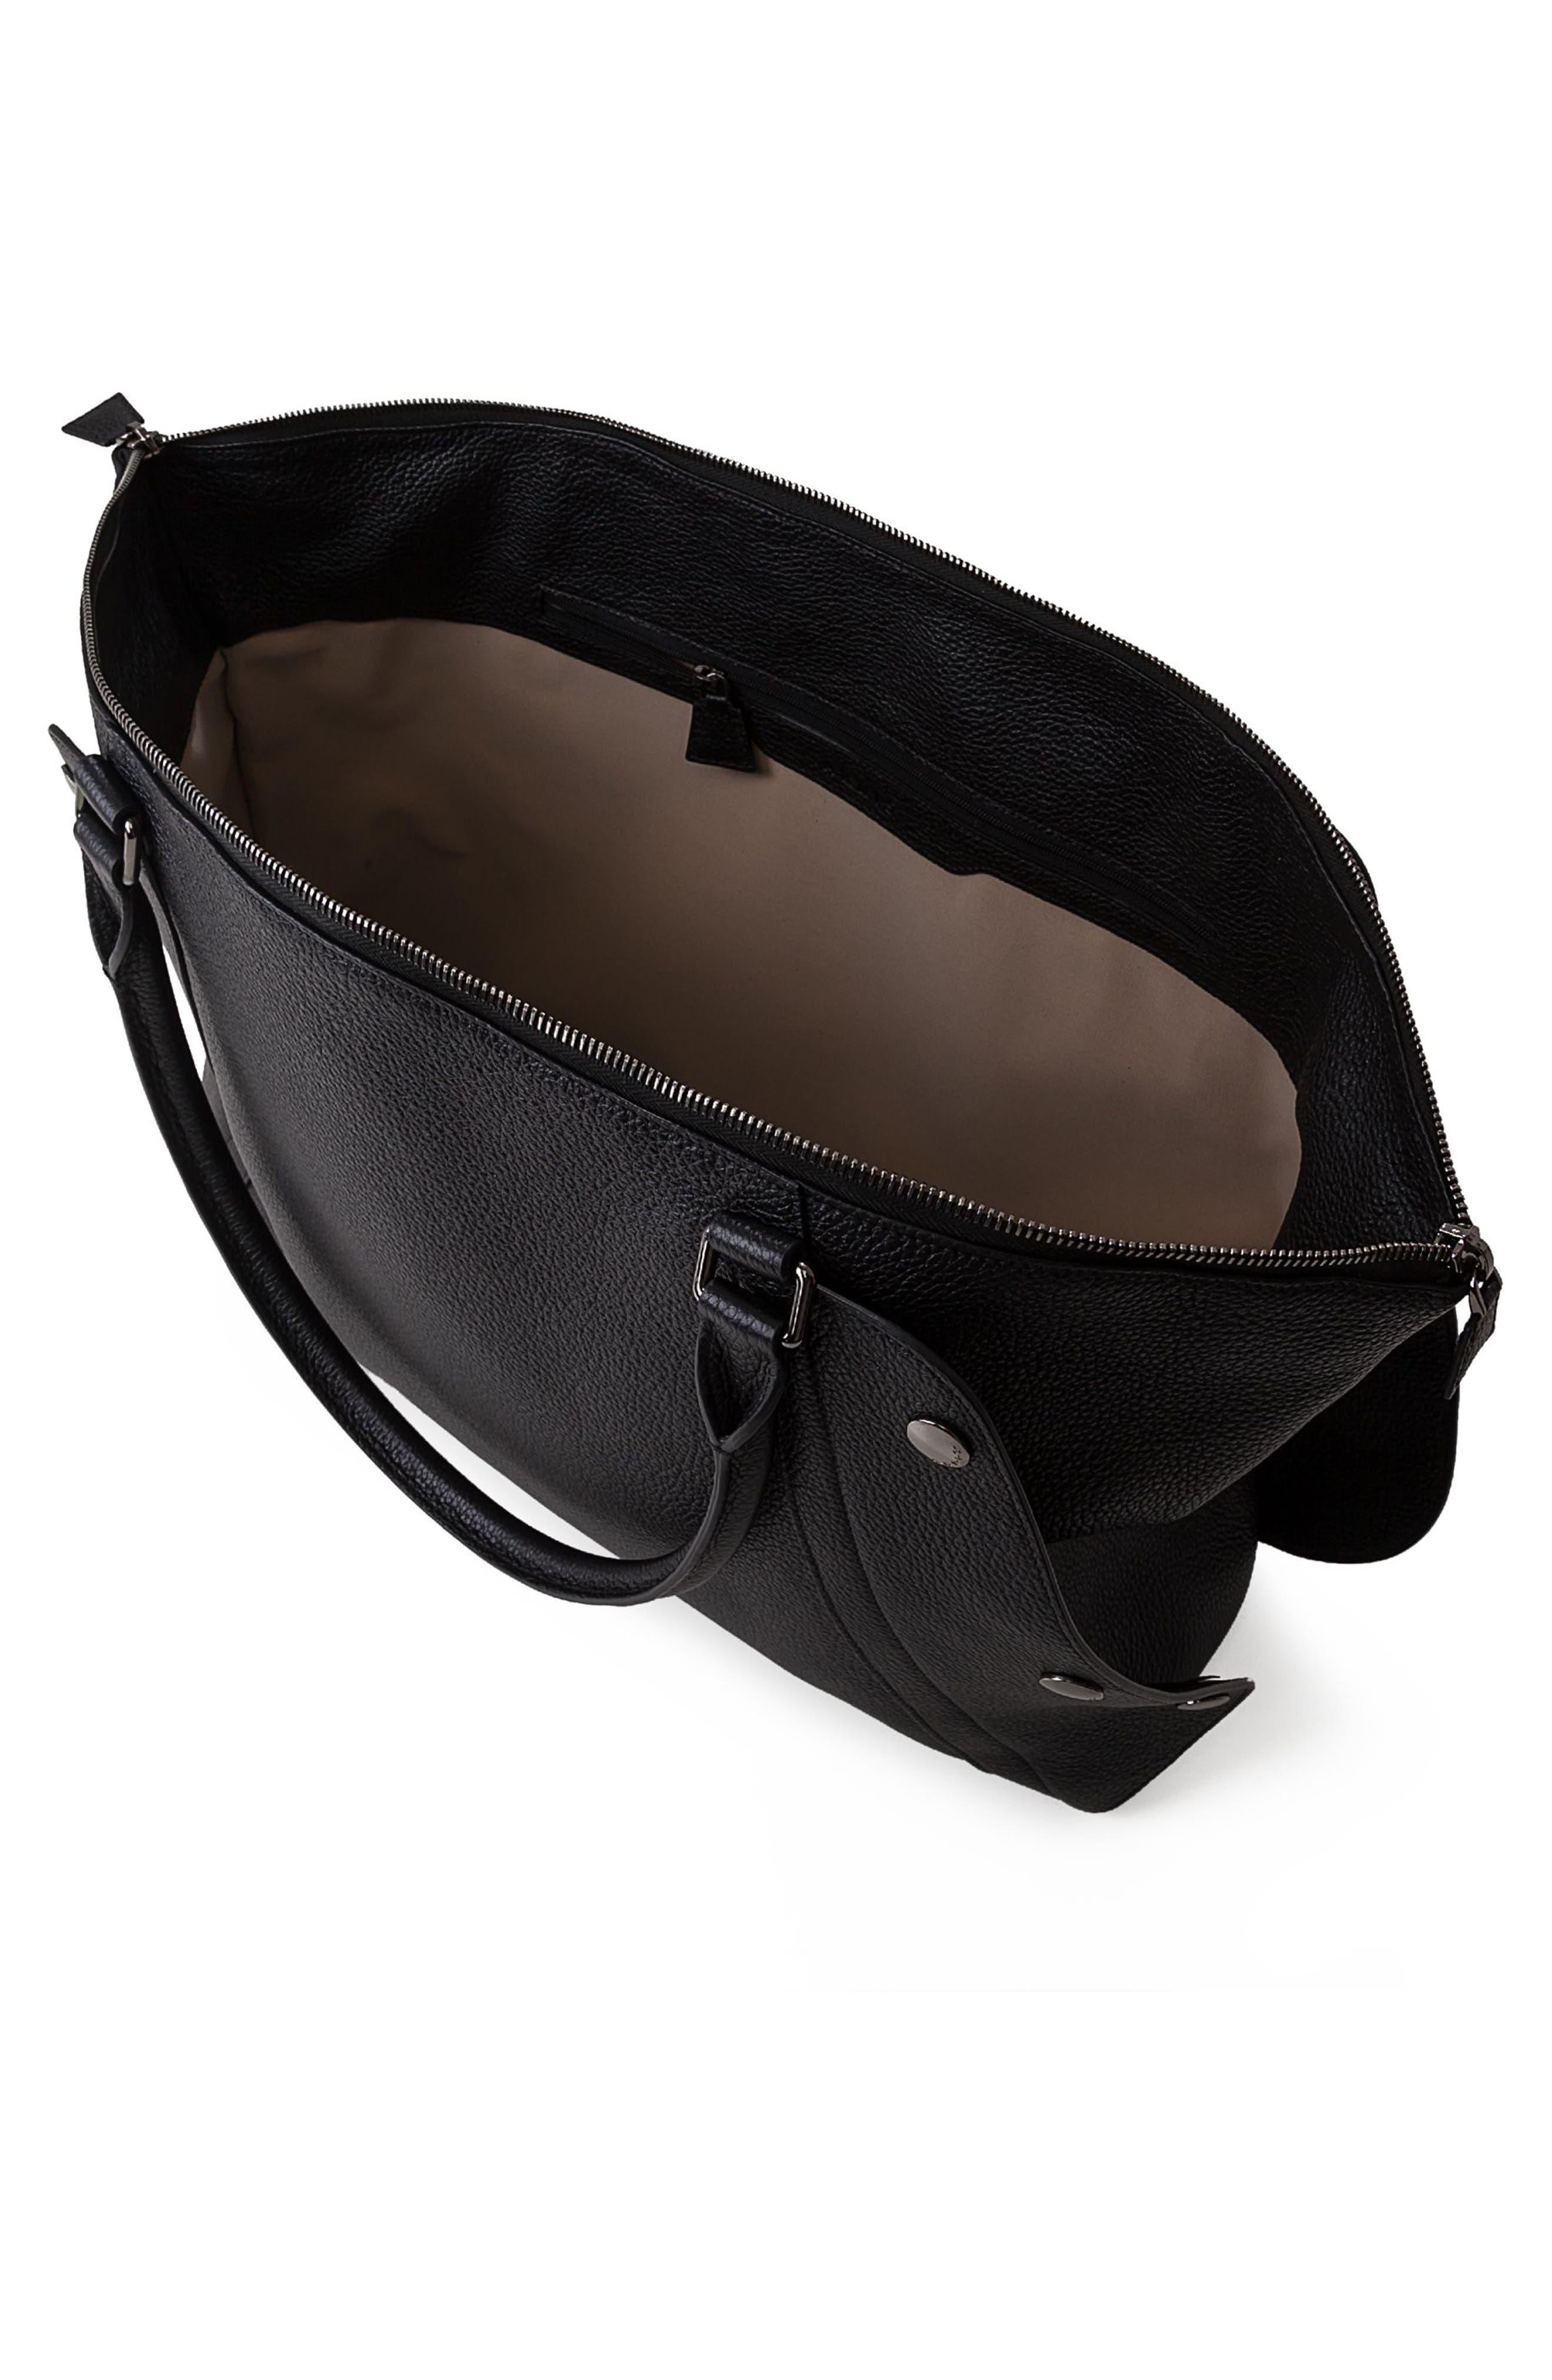 Alternate Image 3  - Akris Small Aimee Leather Satchel